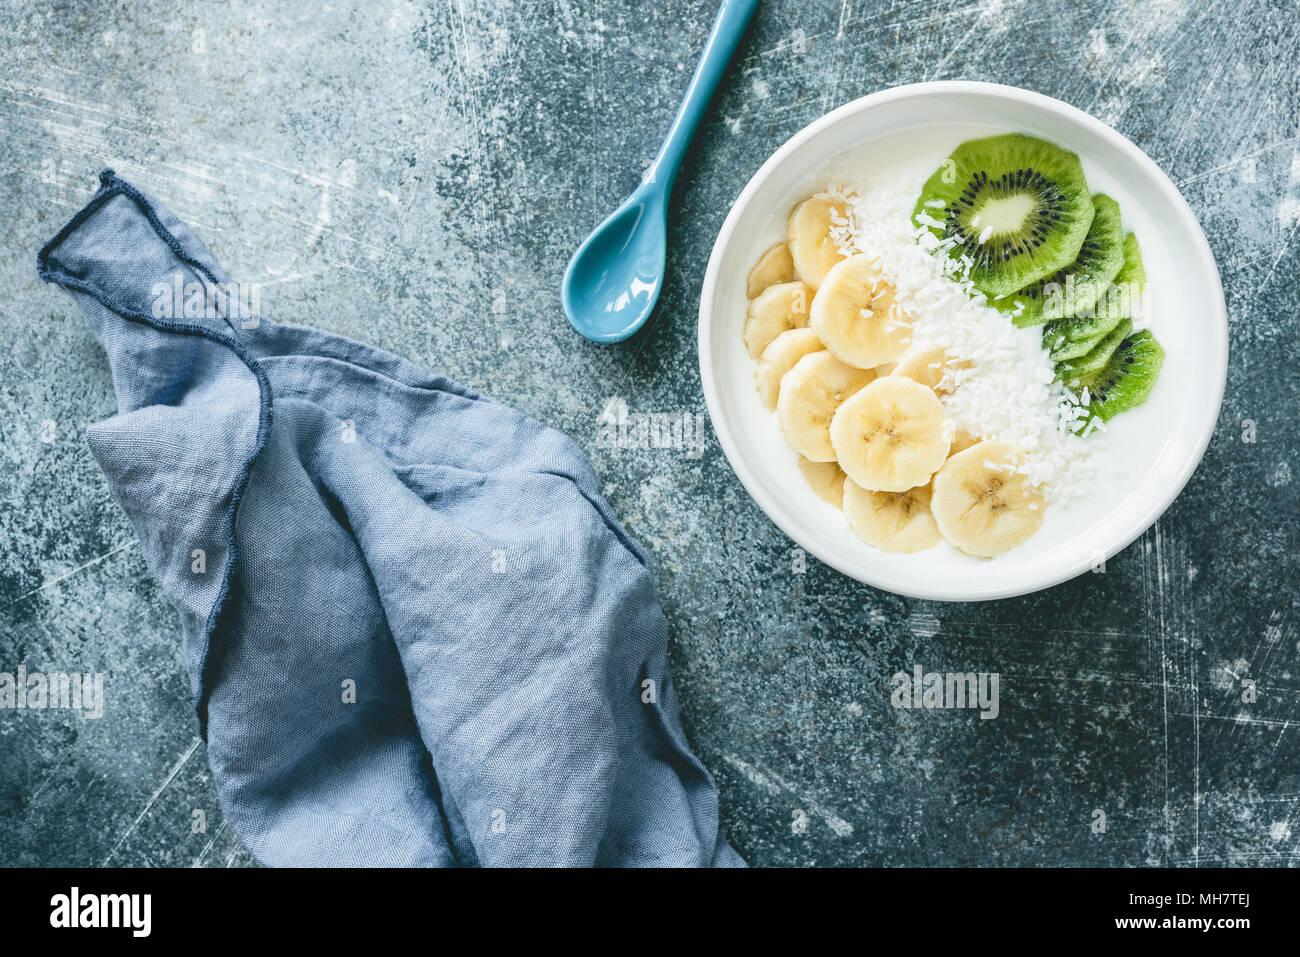 Joghurt mit Banane, Kiwi, Kokos Schüssel. Vegan Joghurt mit Früchten. Gesunde Ernährung, Diät, Fitness, gesunde Lebensweise Konzept. Tabelle Ansicht von oben Stockbild